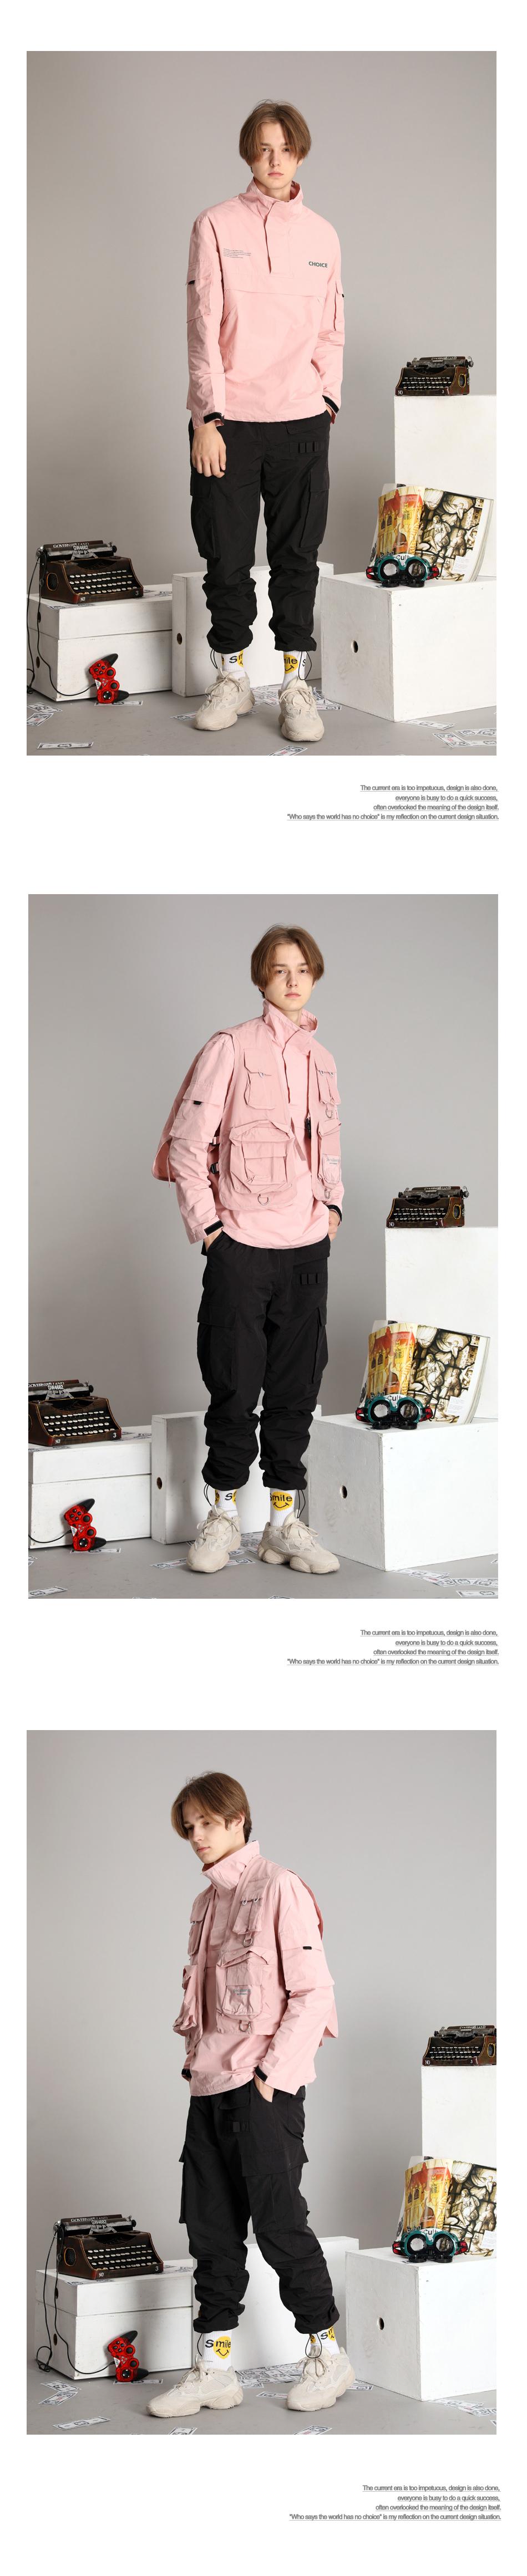 粉色机能风,瘦的人这样穿才够酷!  秋11月 搭配 第1张